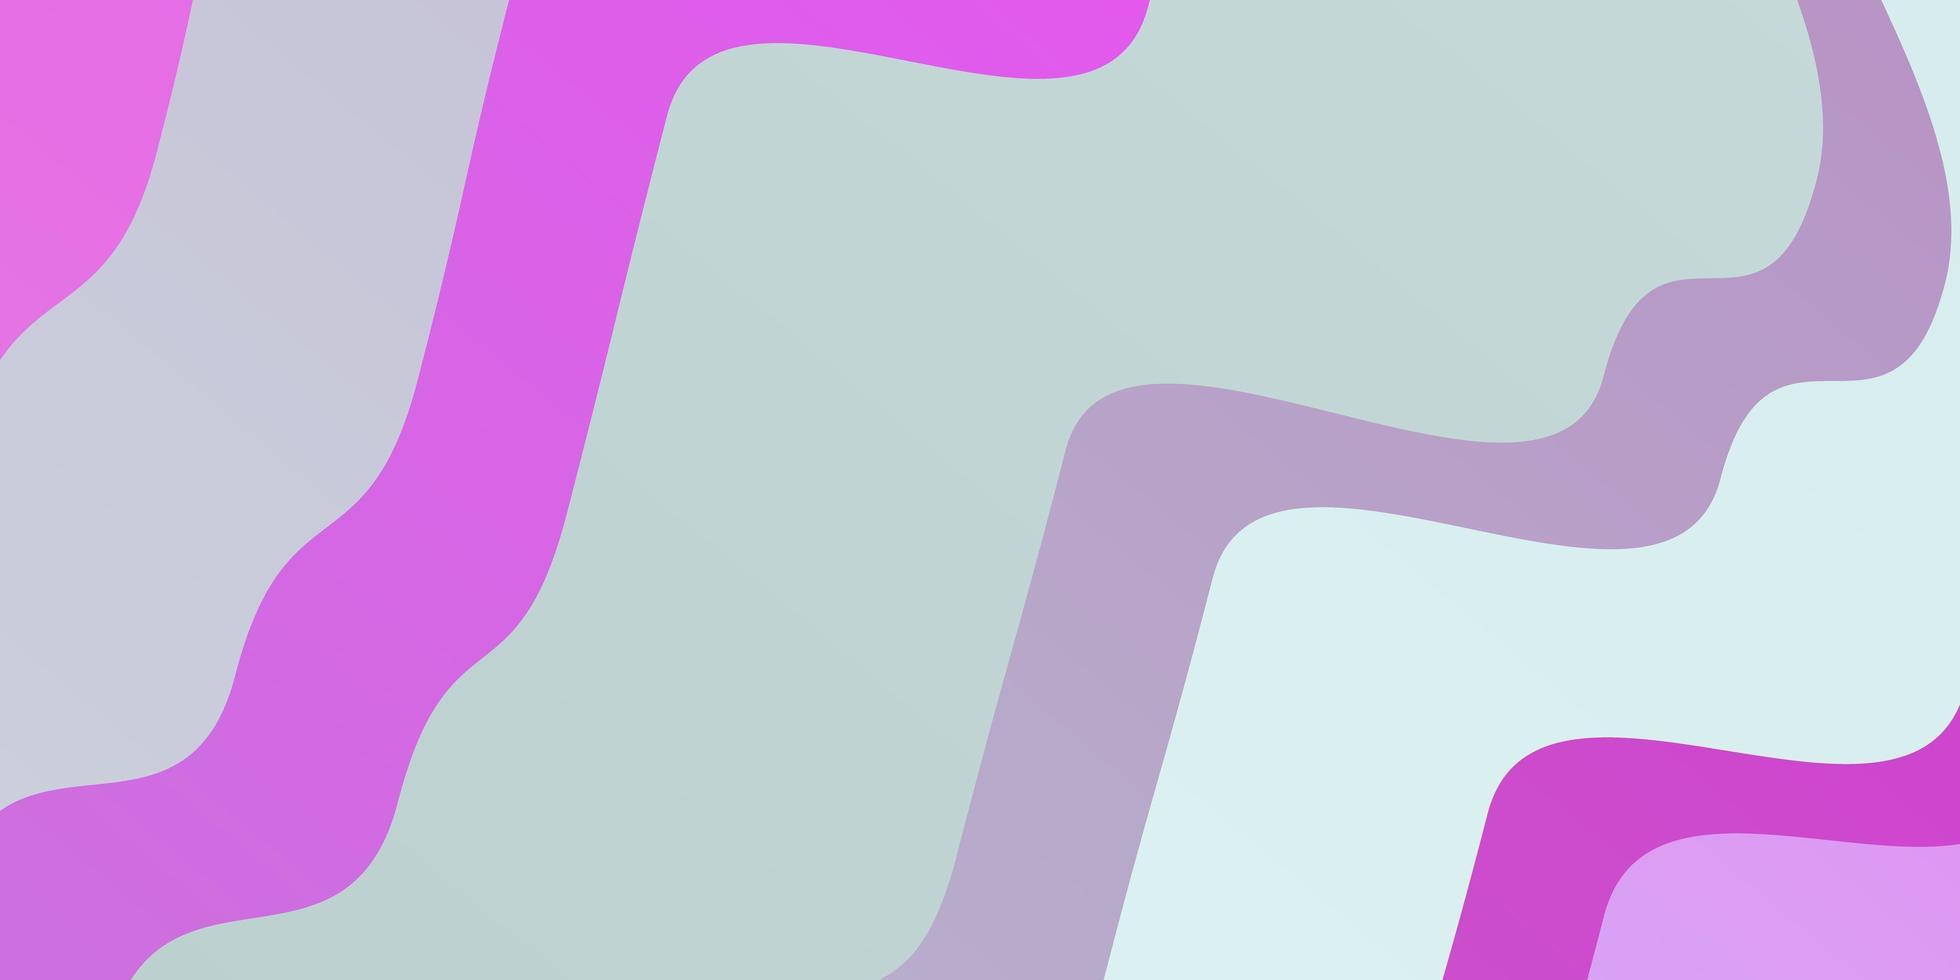 sfondo vettoriale rosa chiaro, blu con linee piegate.